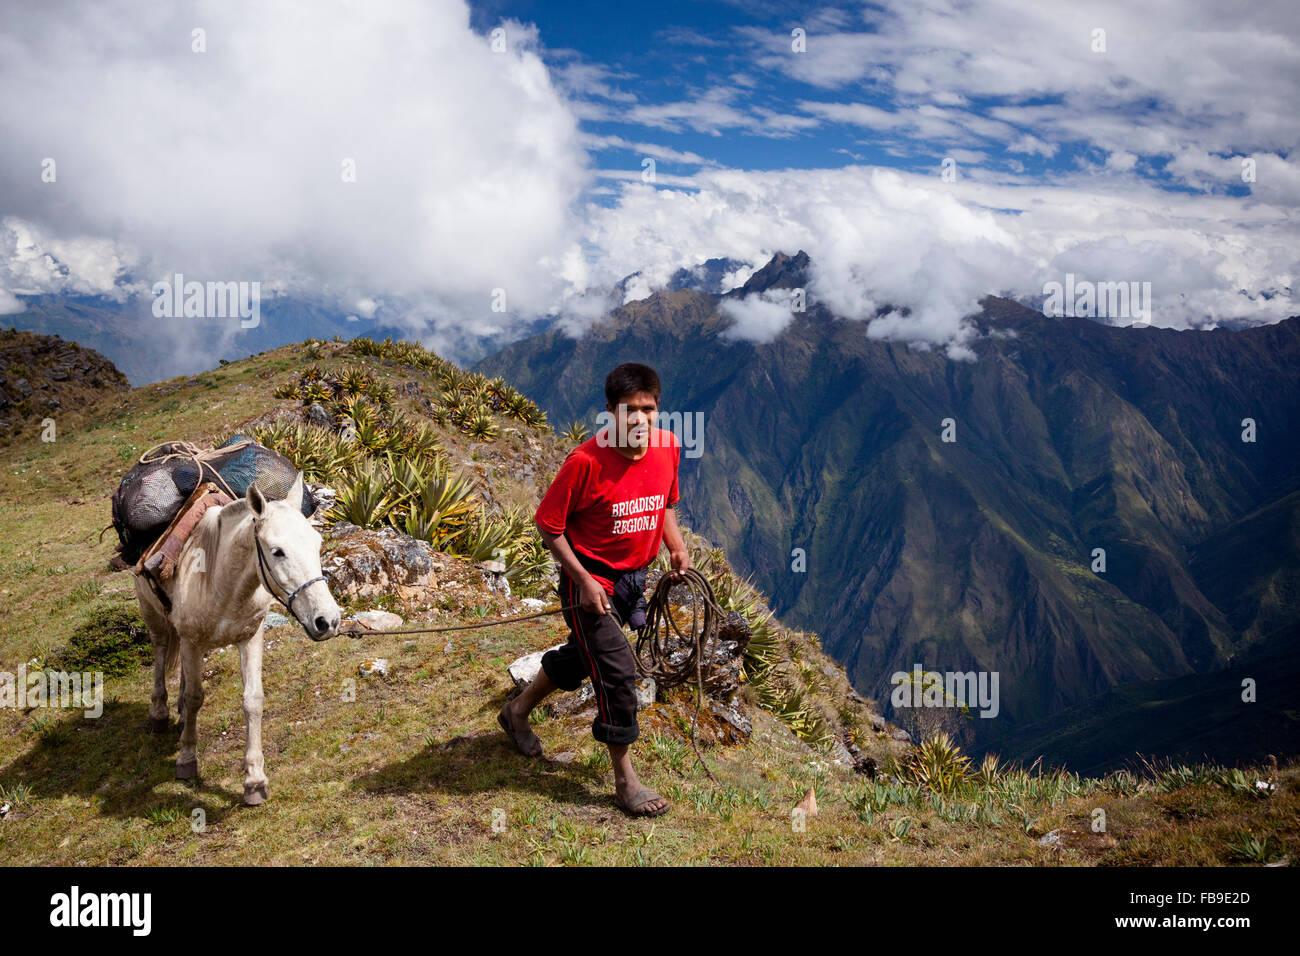 Arriero (mule-Skinner) y pack-mula ir más de un paso alto sobre la Choquequirao (Cuna de Oro) Trail, peru. Imagen De Stock